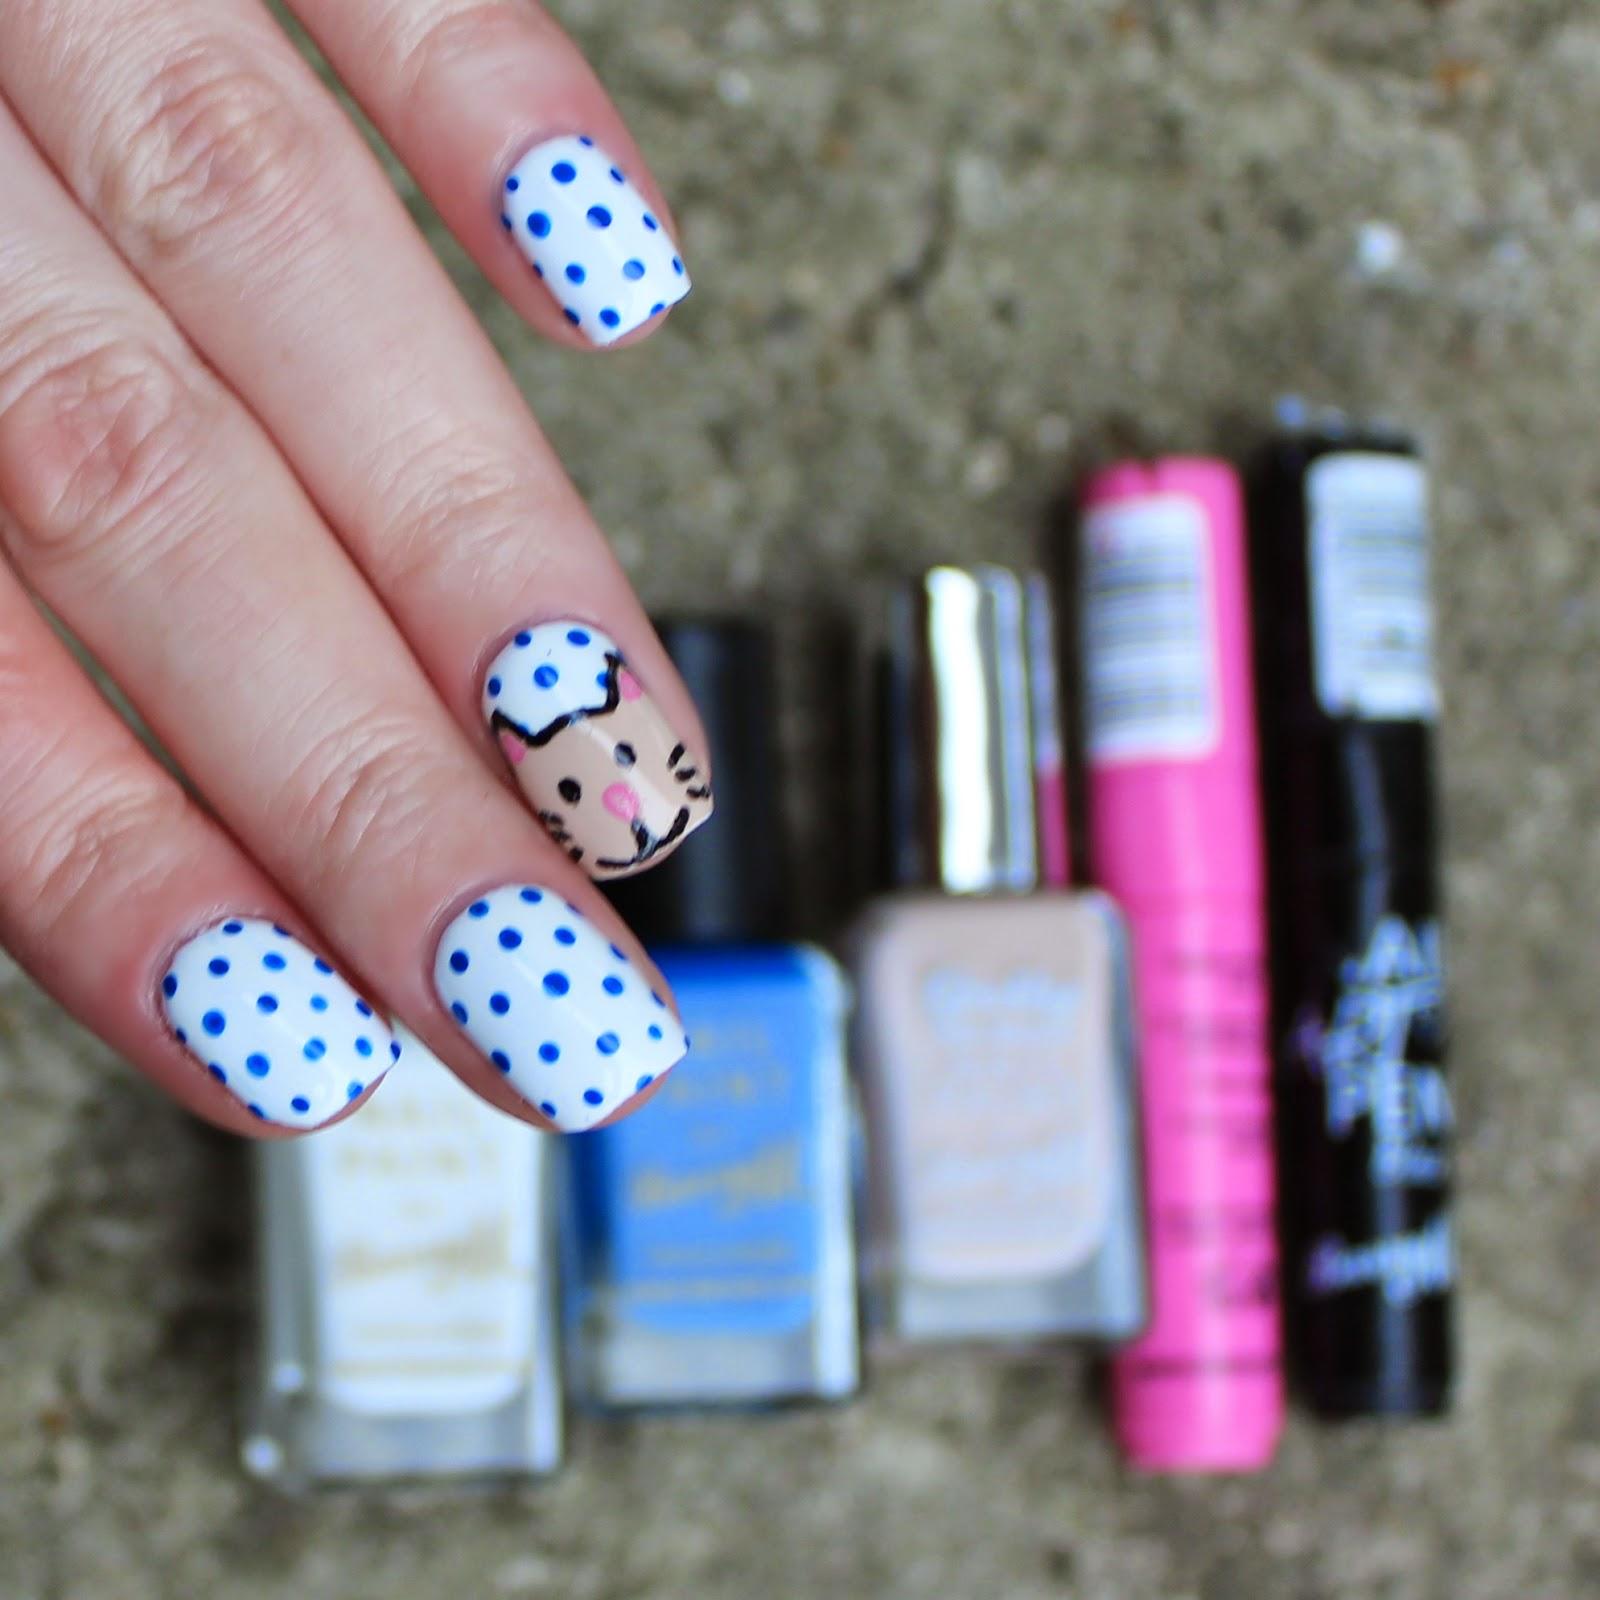 Dahlia Nails: Polka Cat